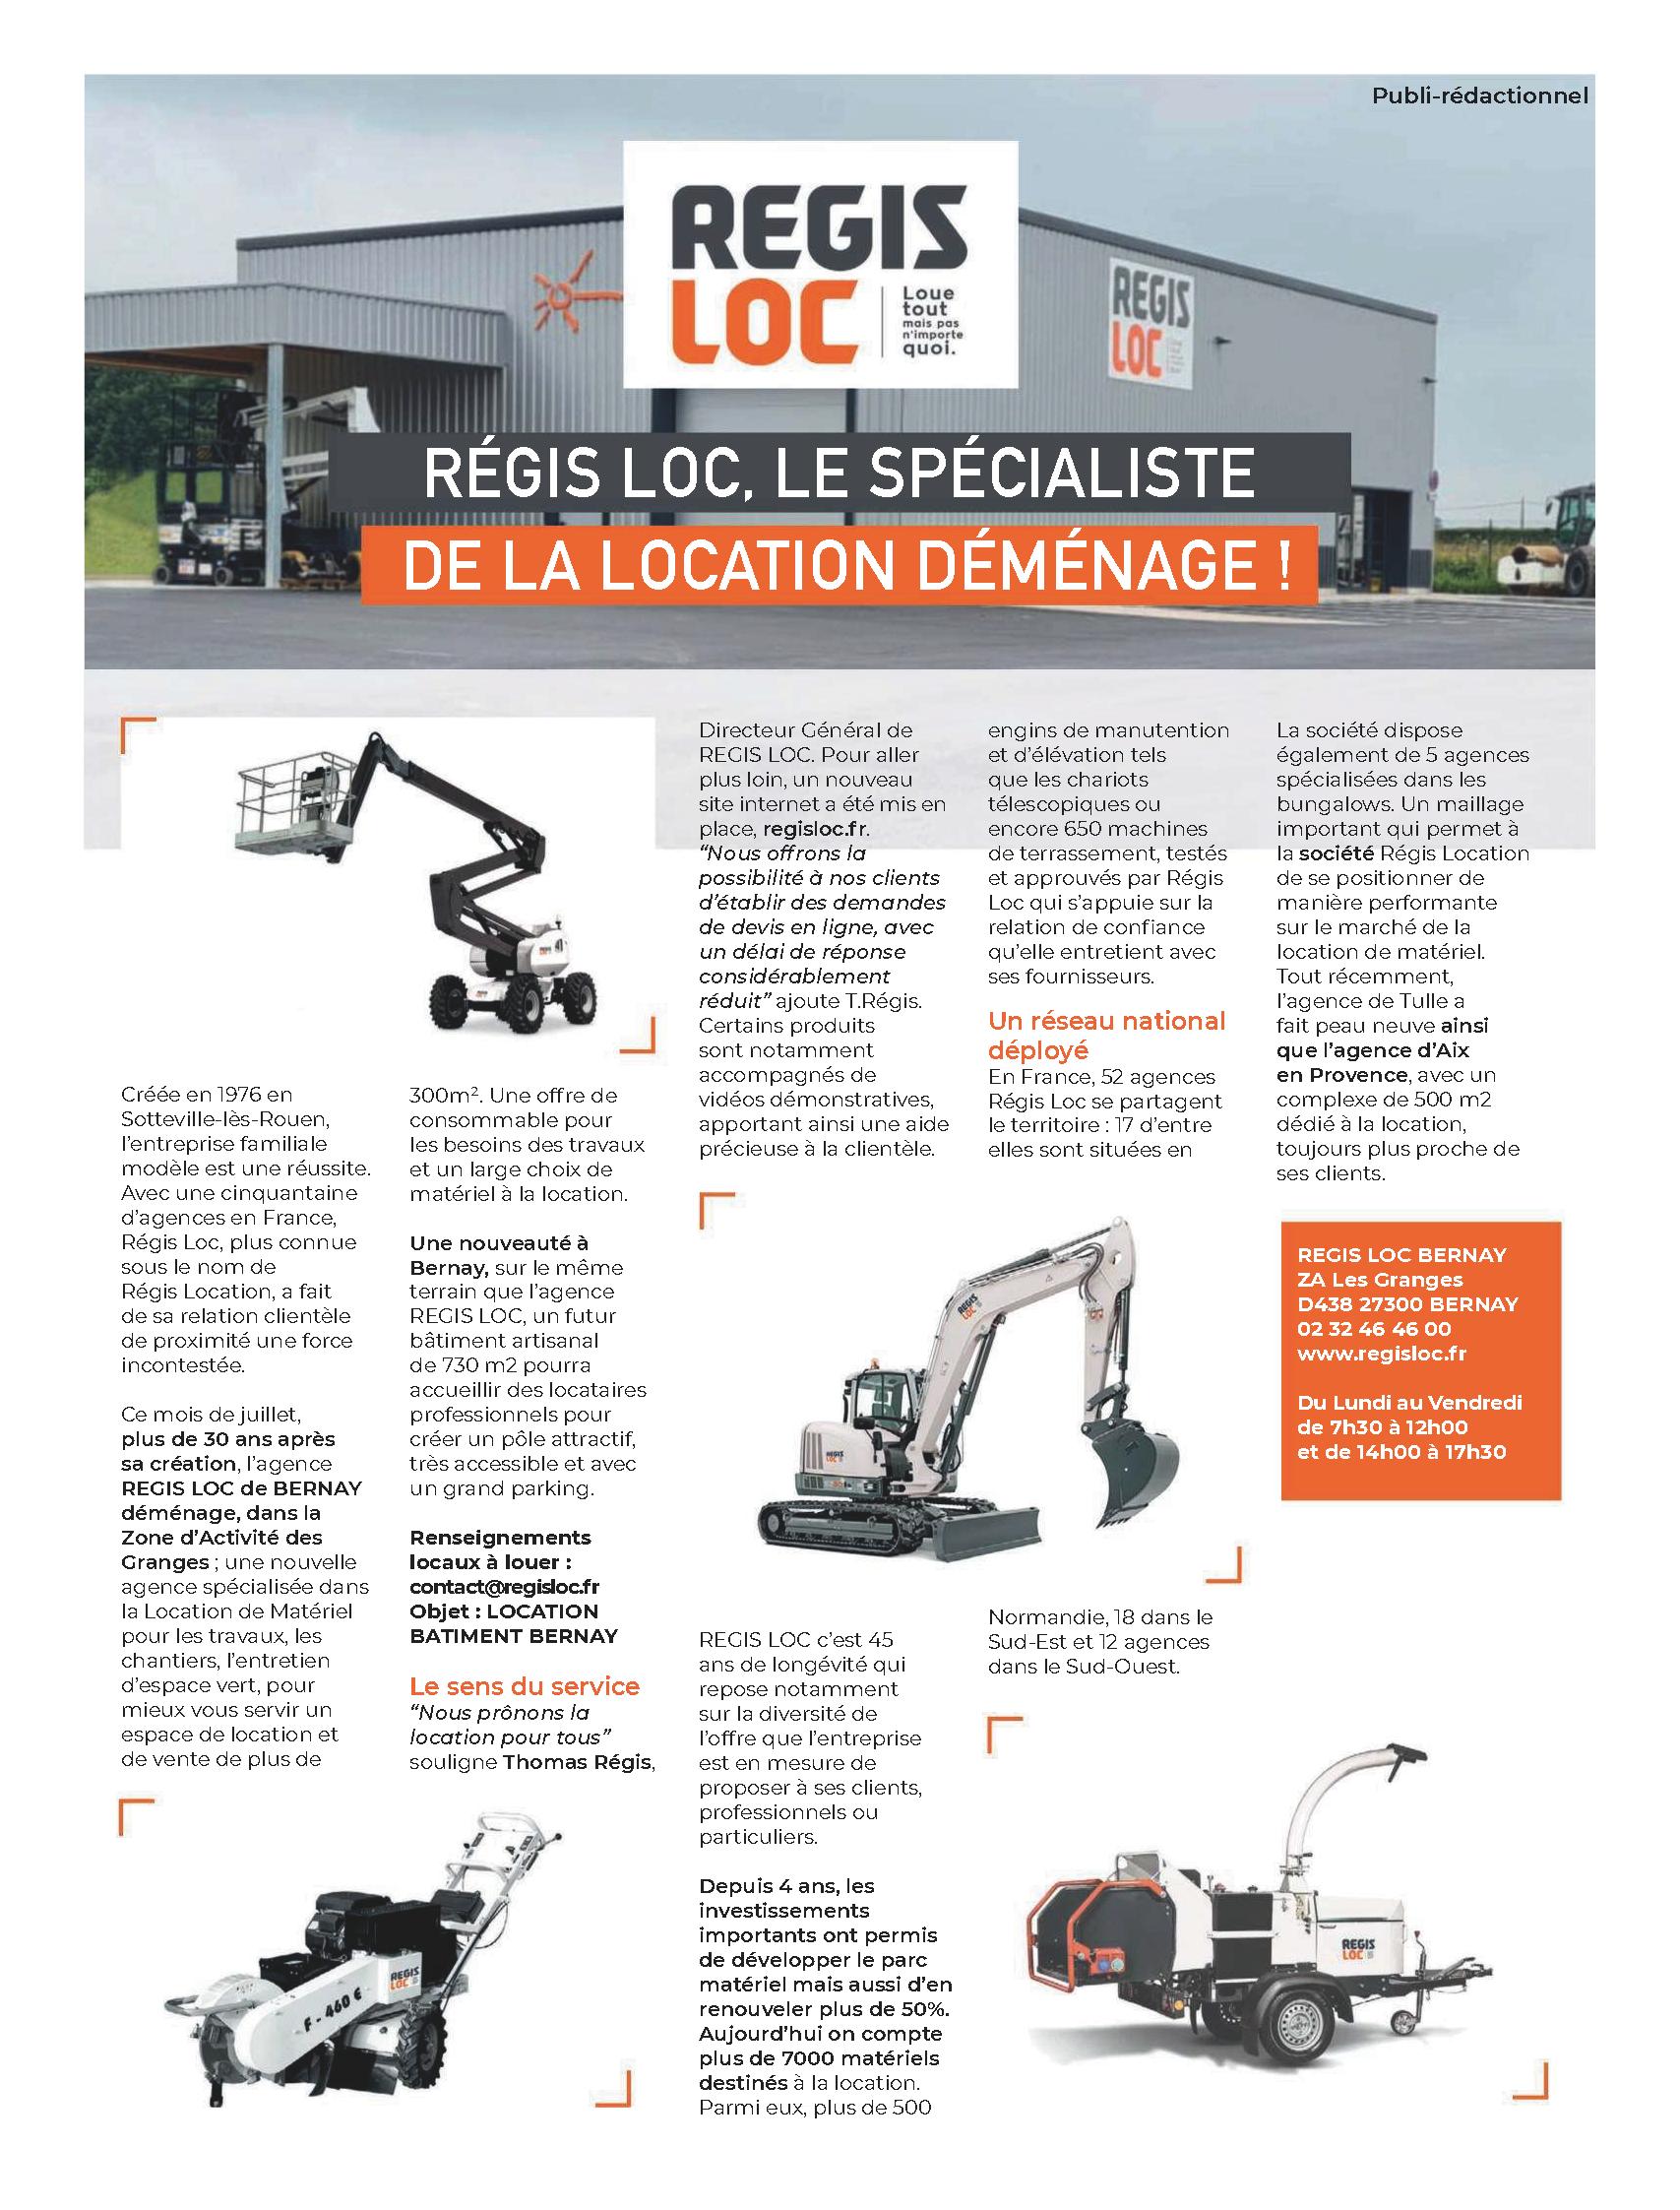 Article de Presse sur REGIS LOC dans le journal L'Éveil Normand